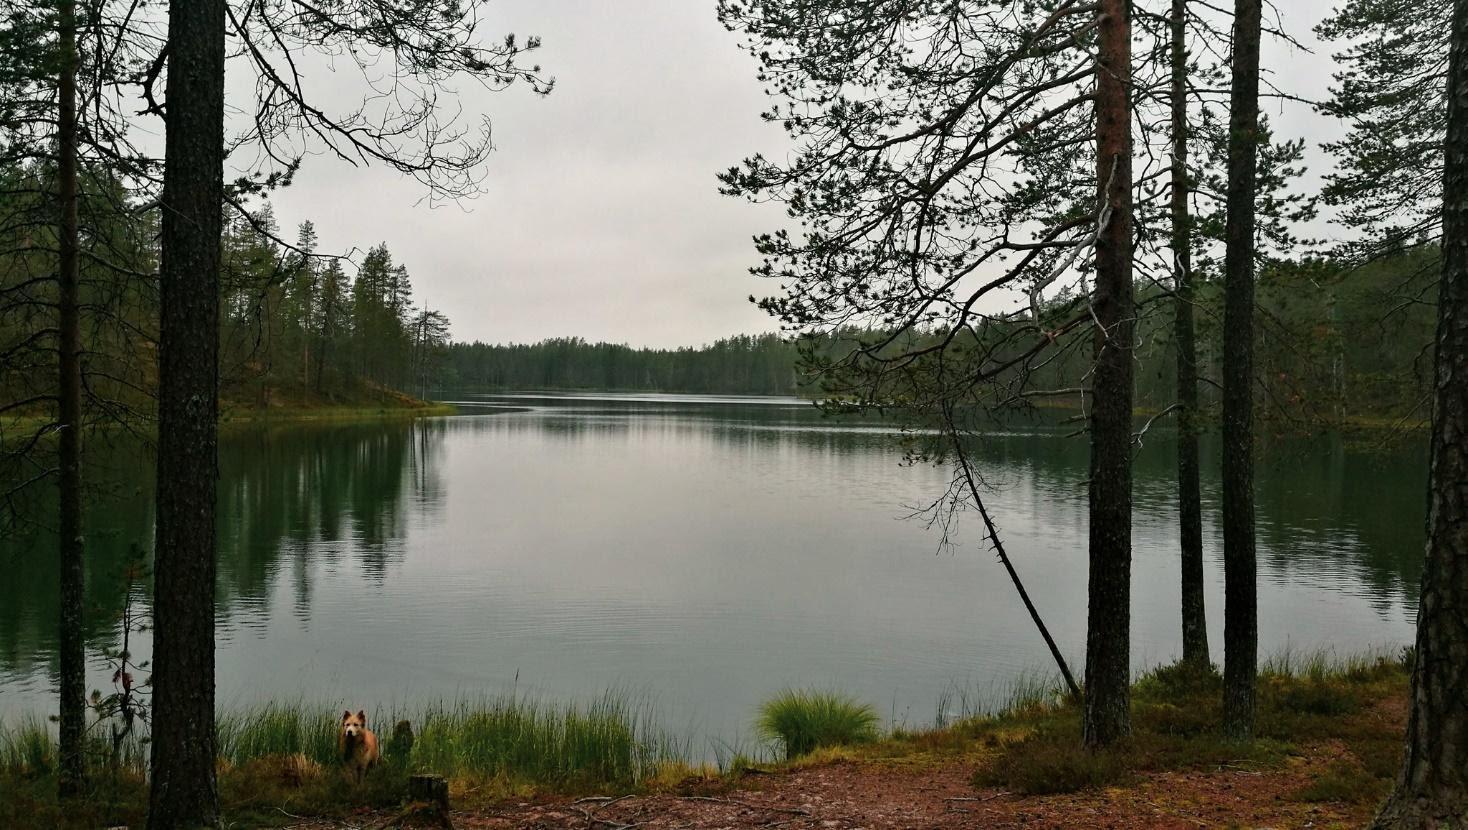 Kuulea Posio in Lapland, Finland during summer Spot the bestie! Photo by Hennariikka Parviainen